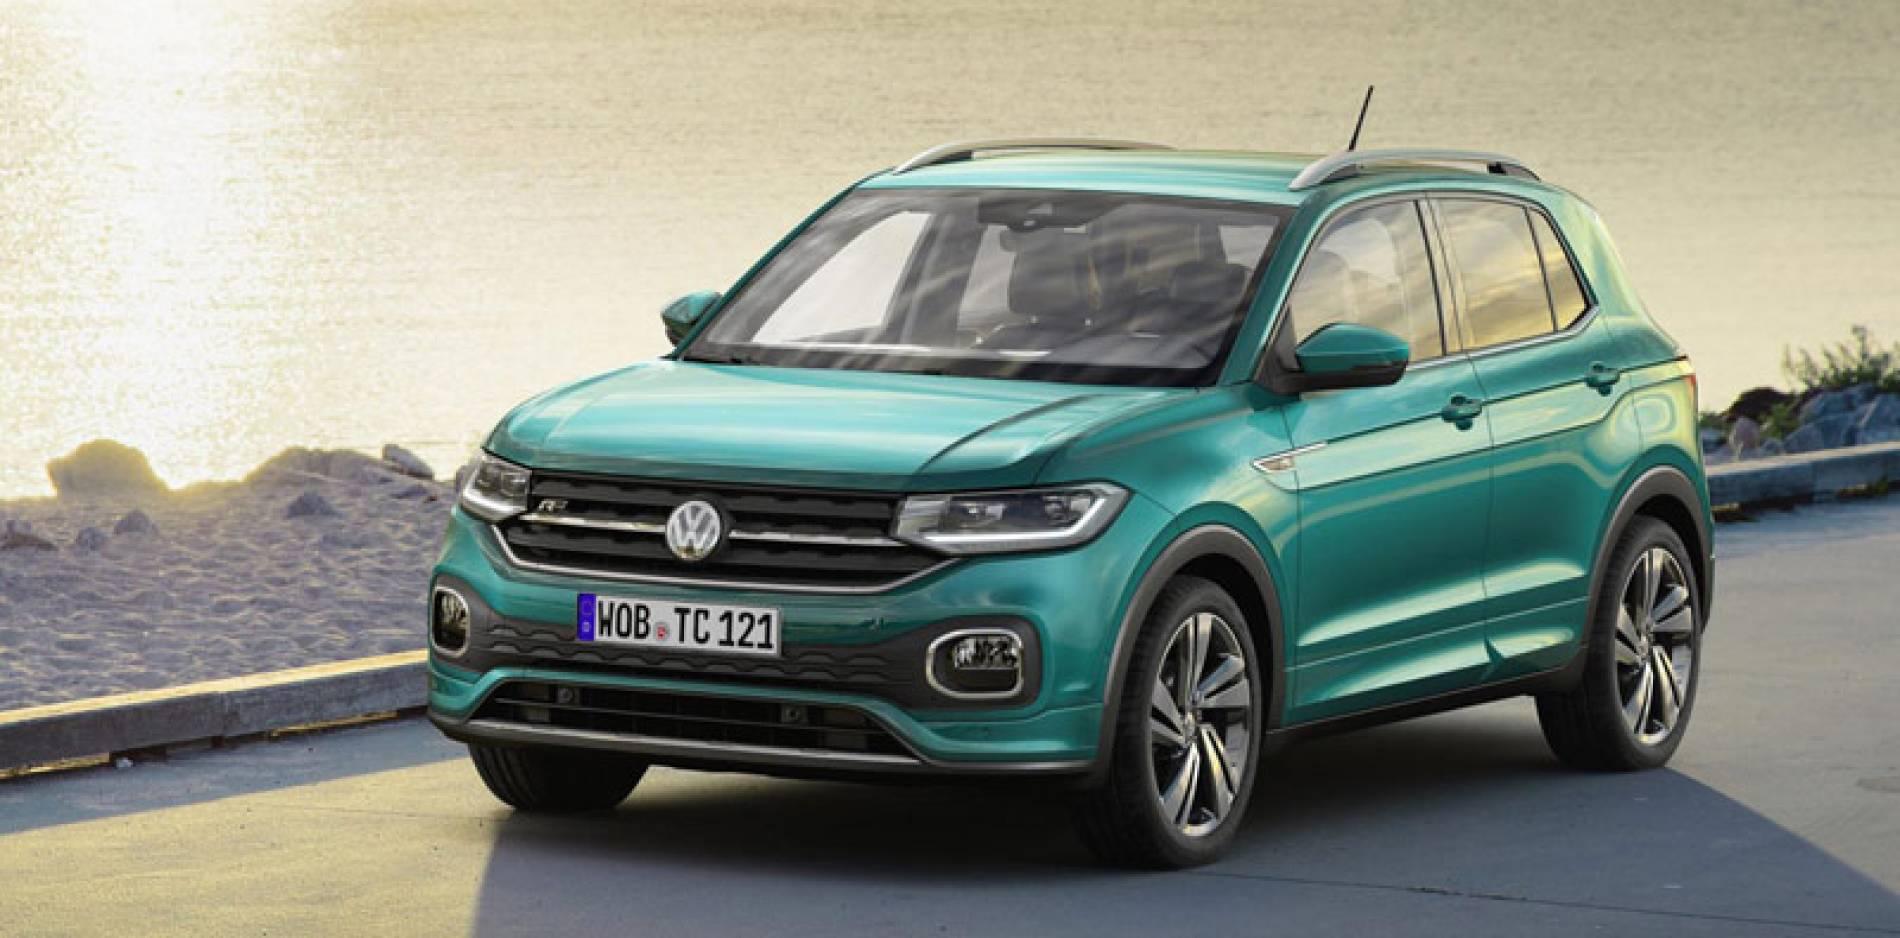 Volkswagen T-Cross, el SUV urbano que revolucionará el mercado y nuestra industria